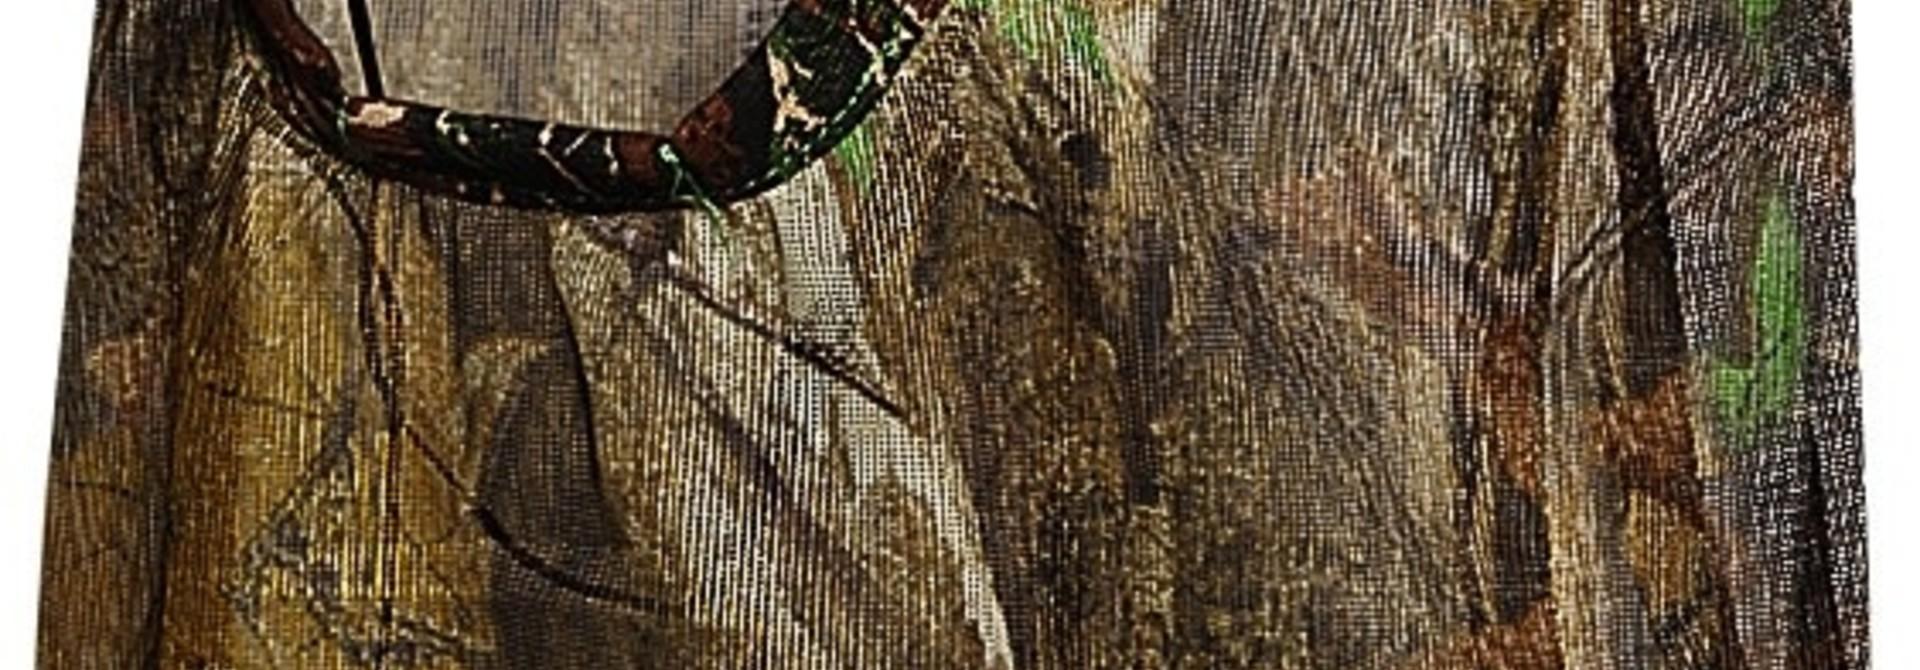 Swedteam Hairnet Hardwood Green